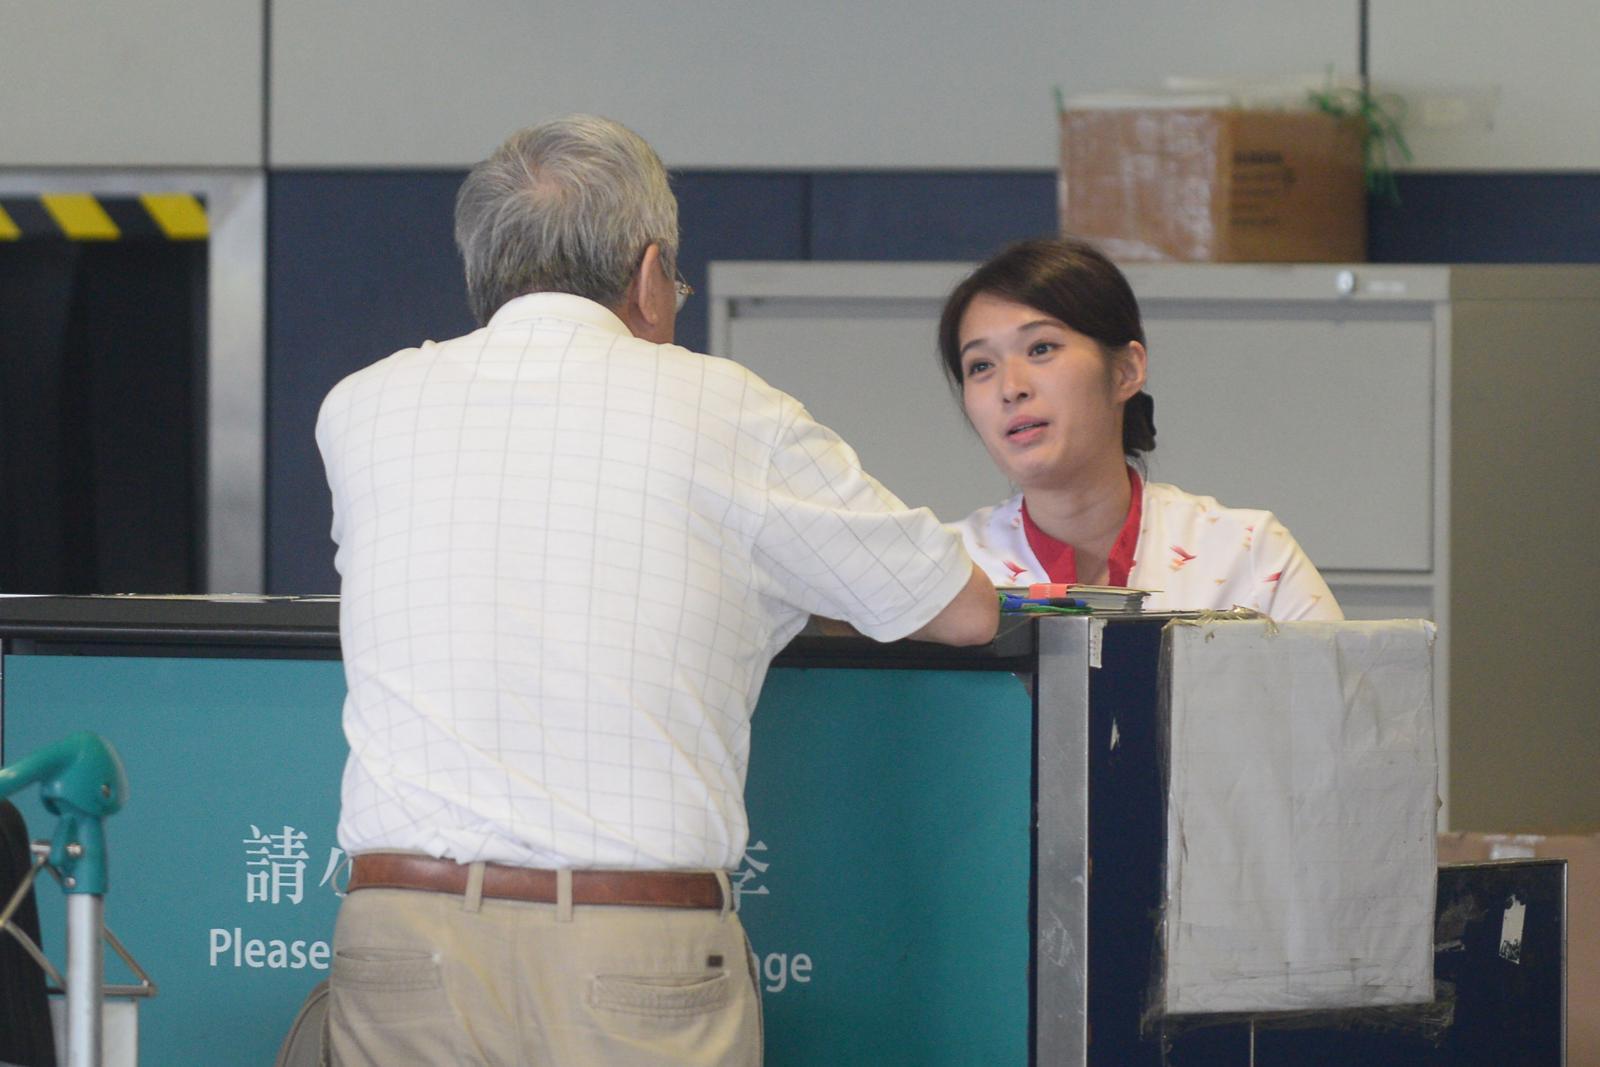 國泰設於機場的銷售櫃已暫停售票。提醒所有乘客在抵達機場時,應準備好已確認的機票。